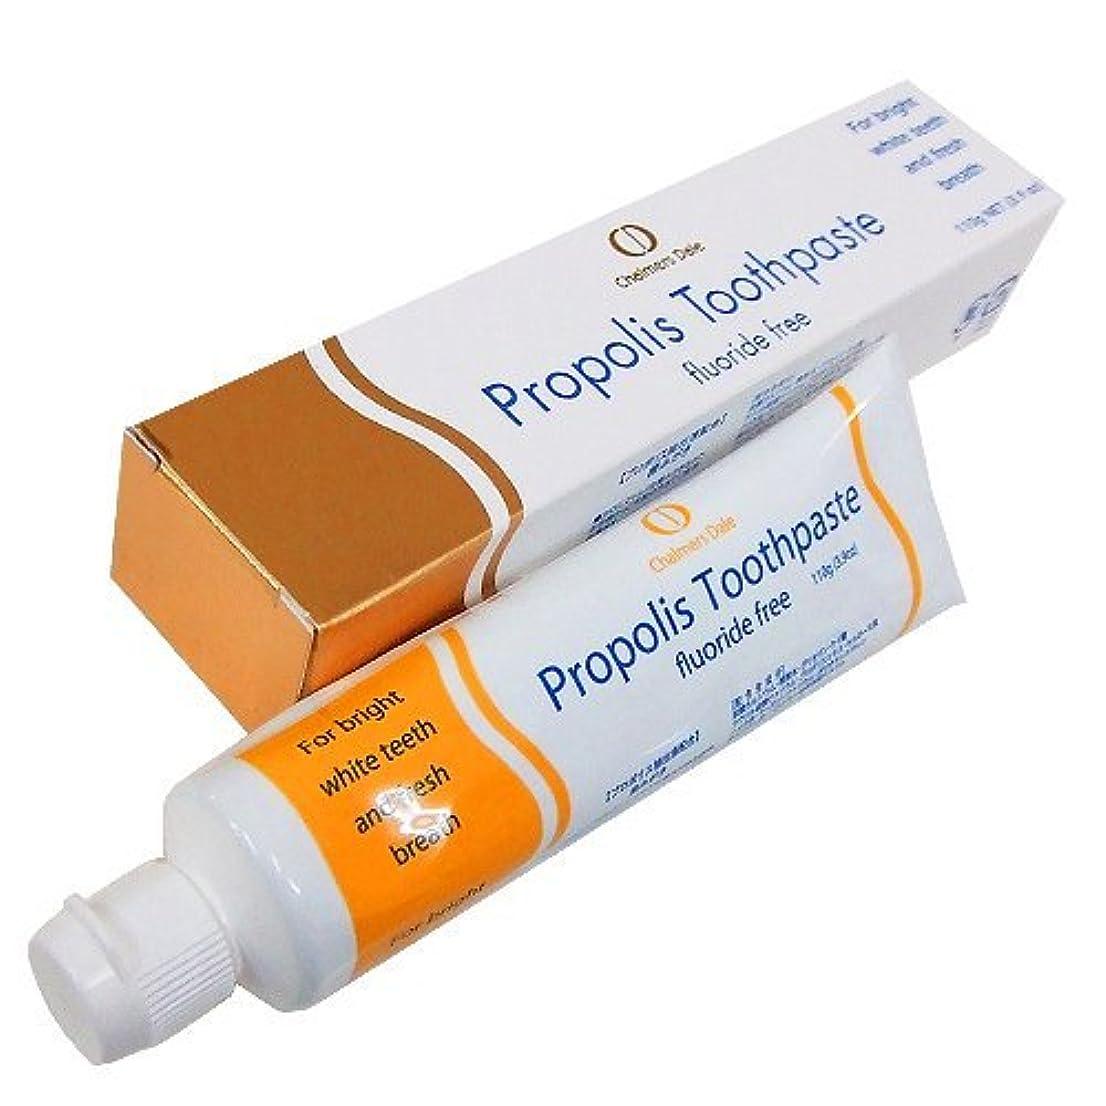 返還対話促進するプロポリス歯磨き 110g フッ素は配合していません